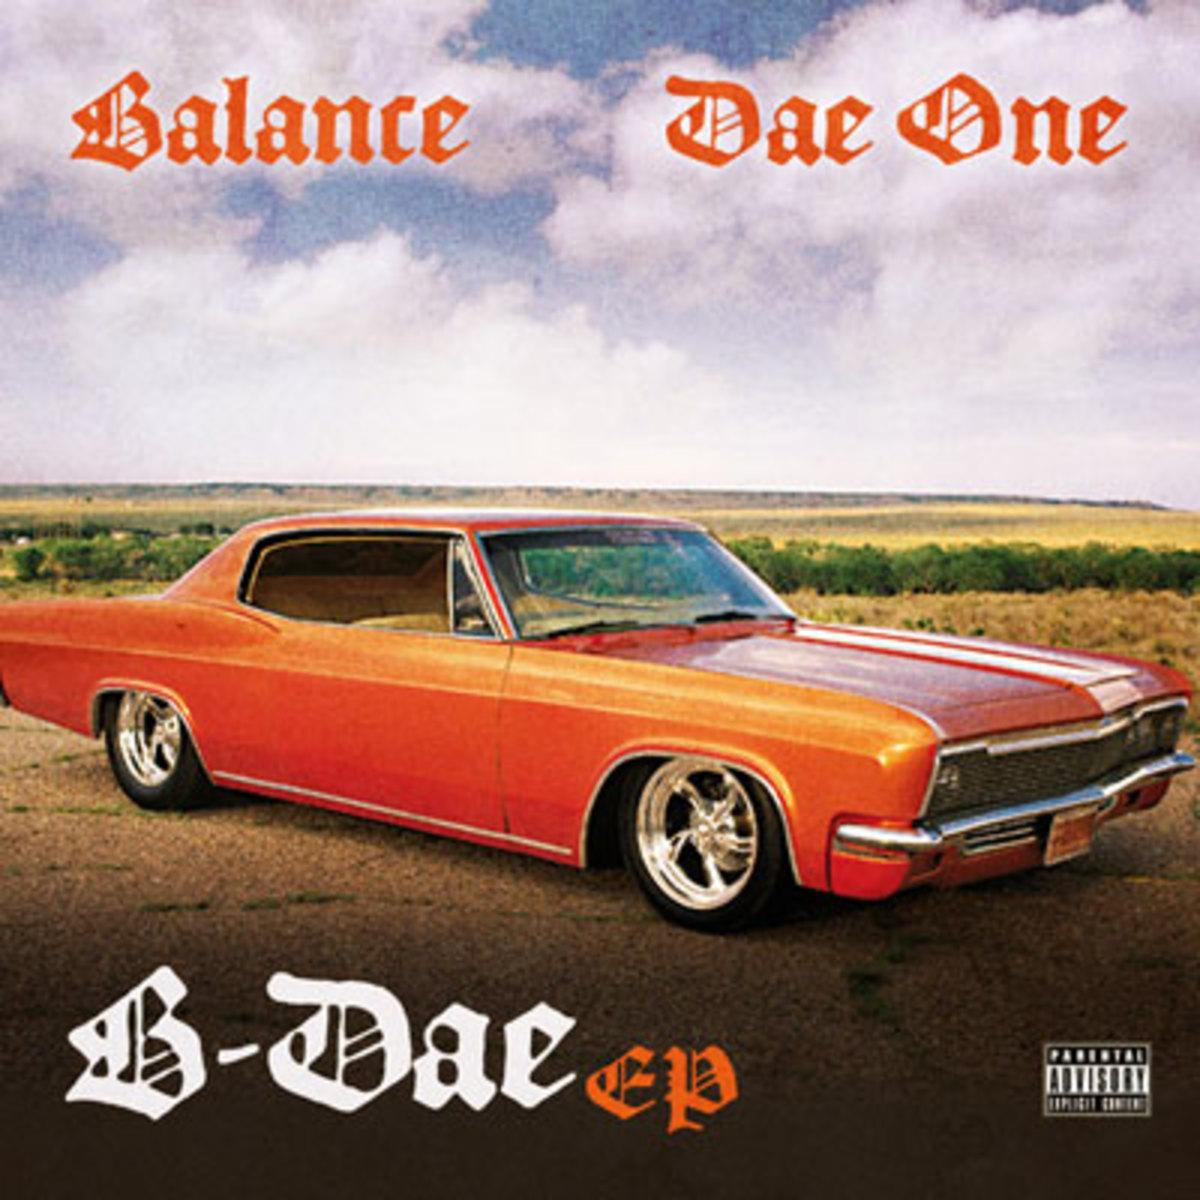 balance-bdae.jpg